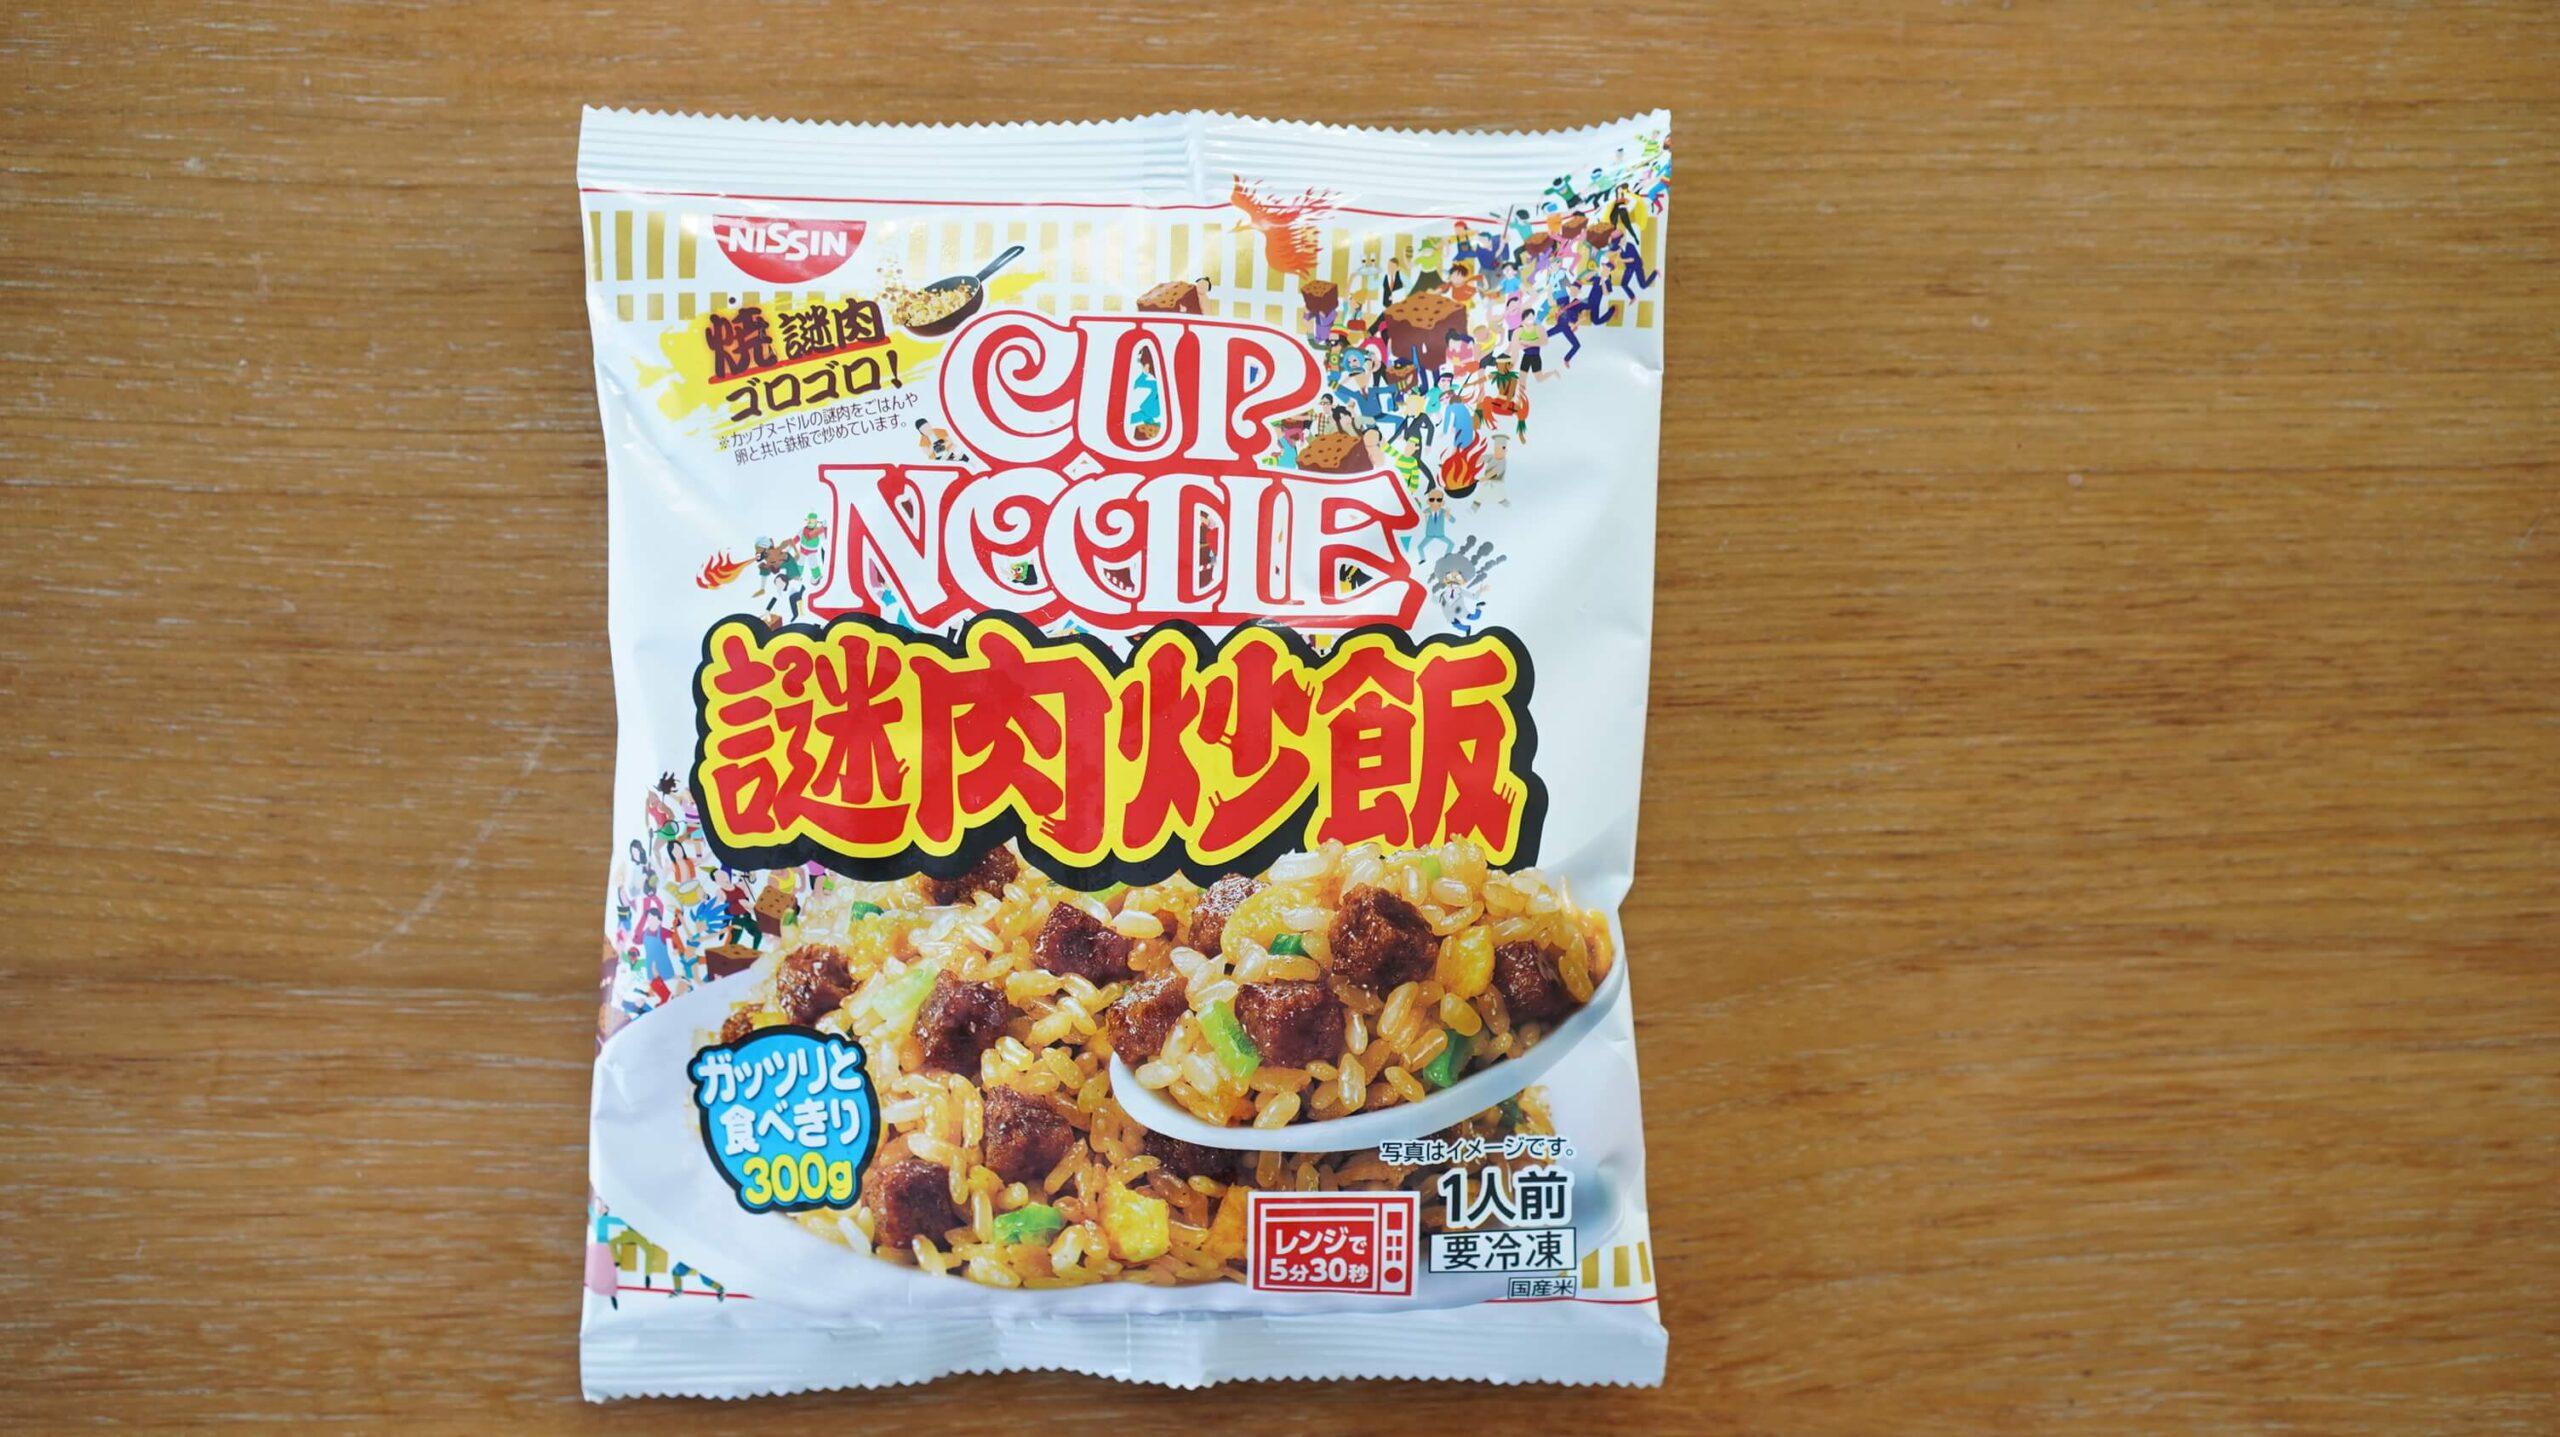 日清カップヌードル「謎肉」の冷凍チャーハン「謎肉炒飯」のパッケージ写真